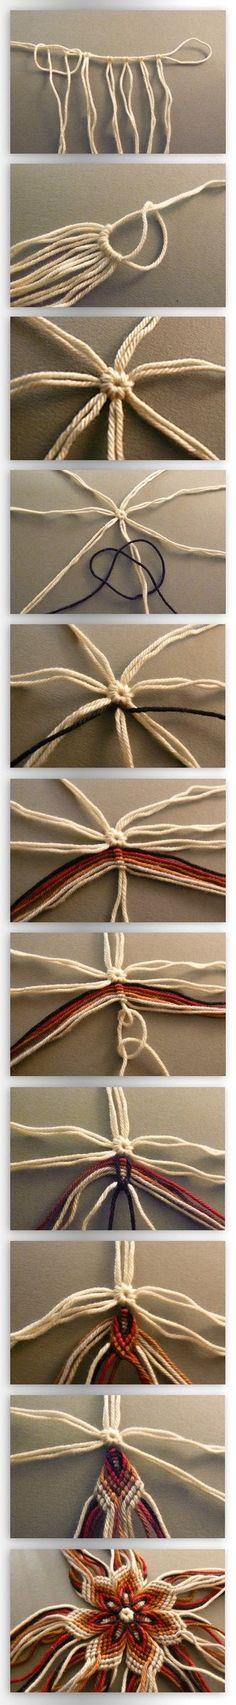 Rope Knitting Flower